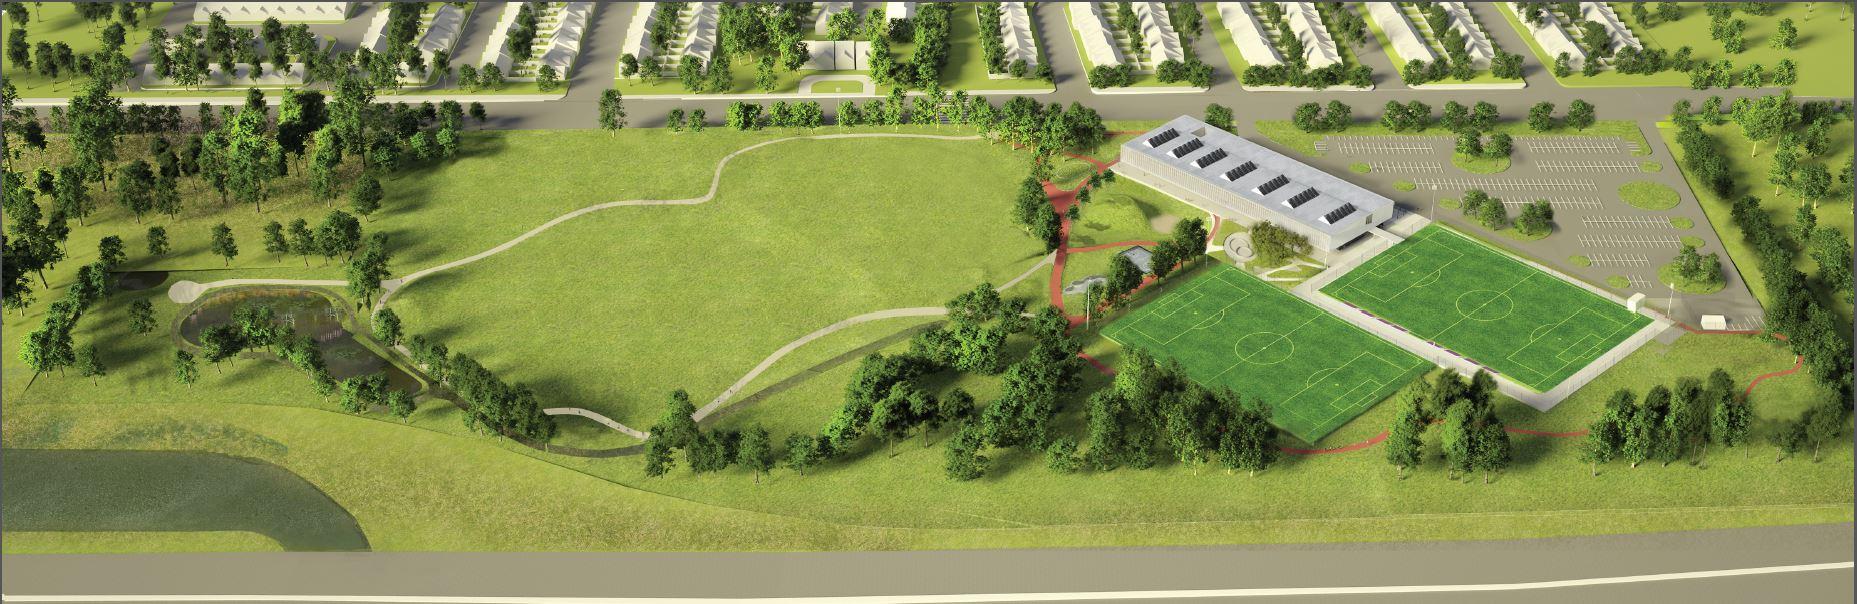 park concept